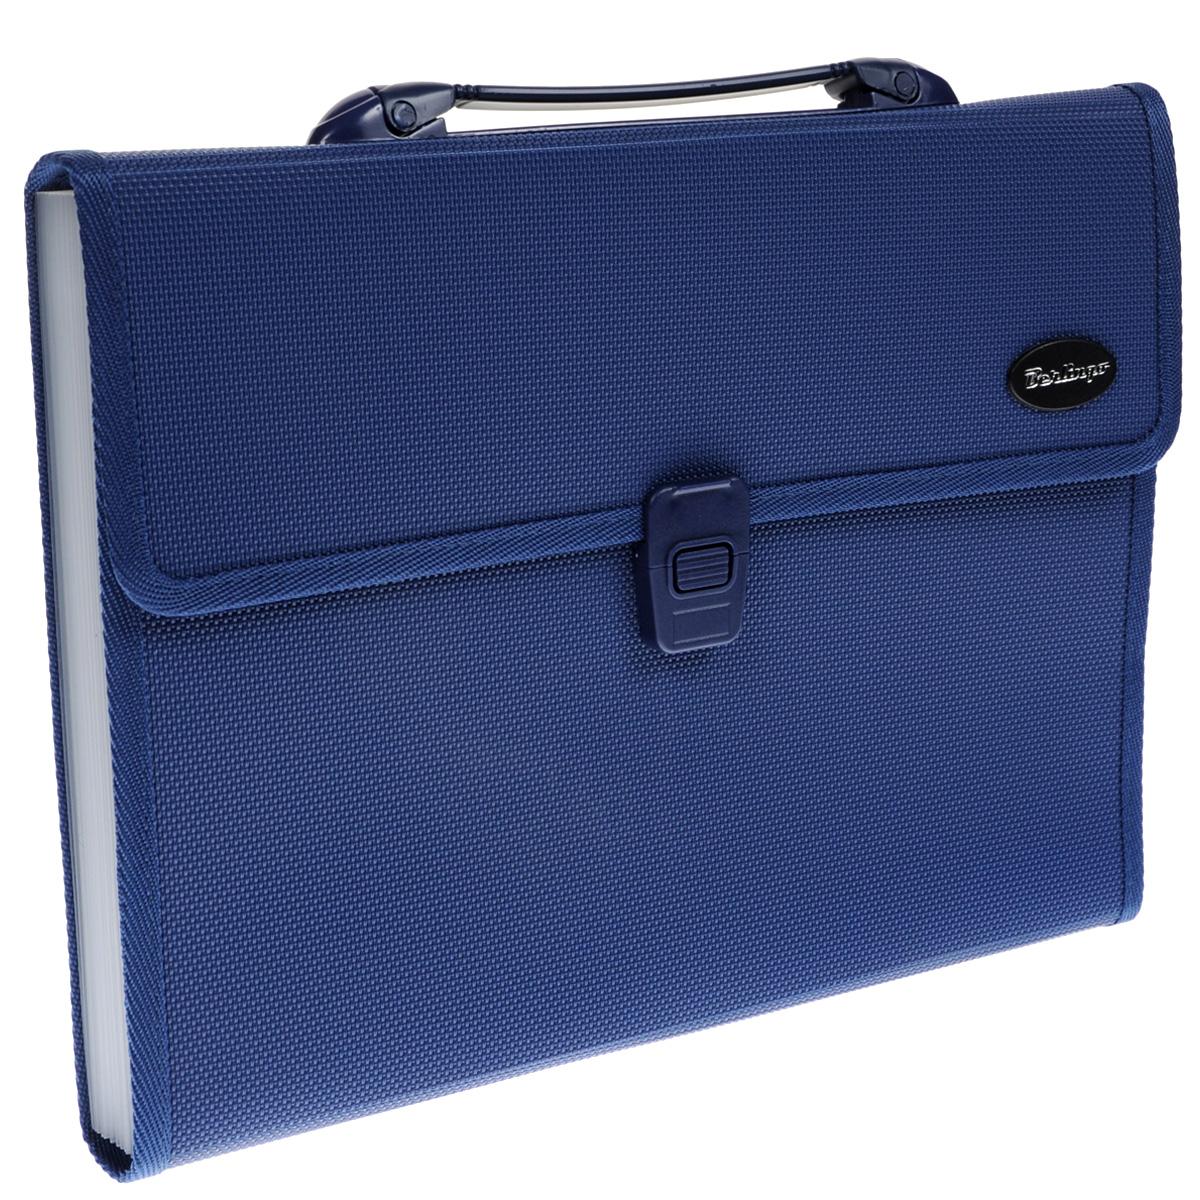 Папка-портфель Berlingo, 13 отделений, цвет: синий. Формат А4M_2304Папка-портфель Berlingo - это удобный и практичный офисный инструмент, предназначенный для хранения и транспортировки большого количества рабочих бумаг и документов формата А4. Папка-портфель изготовлена из плотного пластика с текстурой под ткань, оснащена удобной ручкой для переноски, закрывается на широкий клапан с пластиковым замком. Внутри папка имеет 13 вместительных отделений для бумаг и документов. Папка-портфель - это незаменимый атрибут для студента, школьника, офисного работника. Такая папка надежно сохранит ваши документы и сбережет их от повреждений, пыли и влаги.